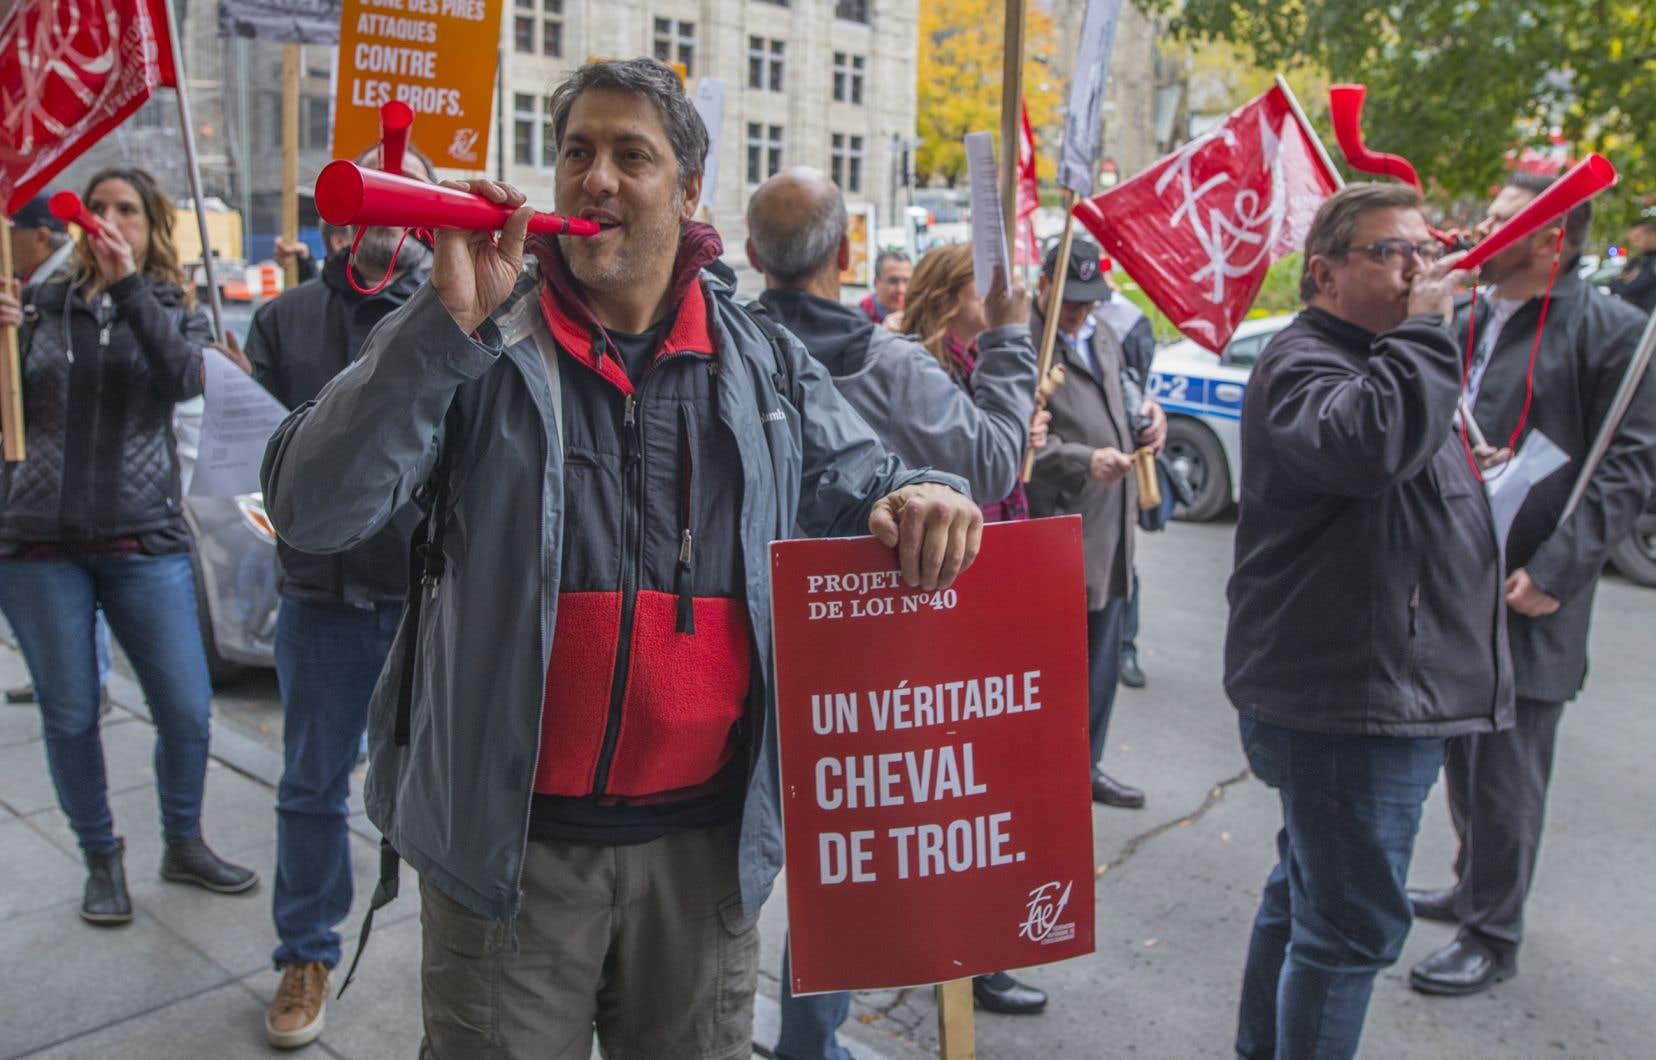 Une cinquantaine de profsmanifestant contre le projet de loi 40sont venus accueillir le ministre Jean-François Roberge et son homologue français, Jean-Michel Blanquer, venus à Montréal discuter de l'avenir de l'éducation.